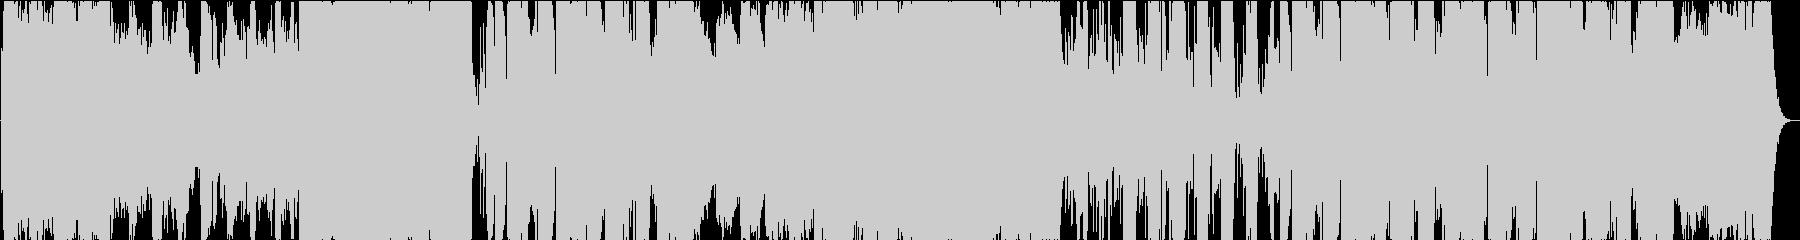 【海外風】エモいPOPでおしゃれなEDMの未再生の波形